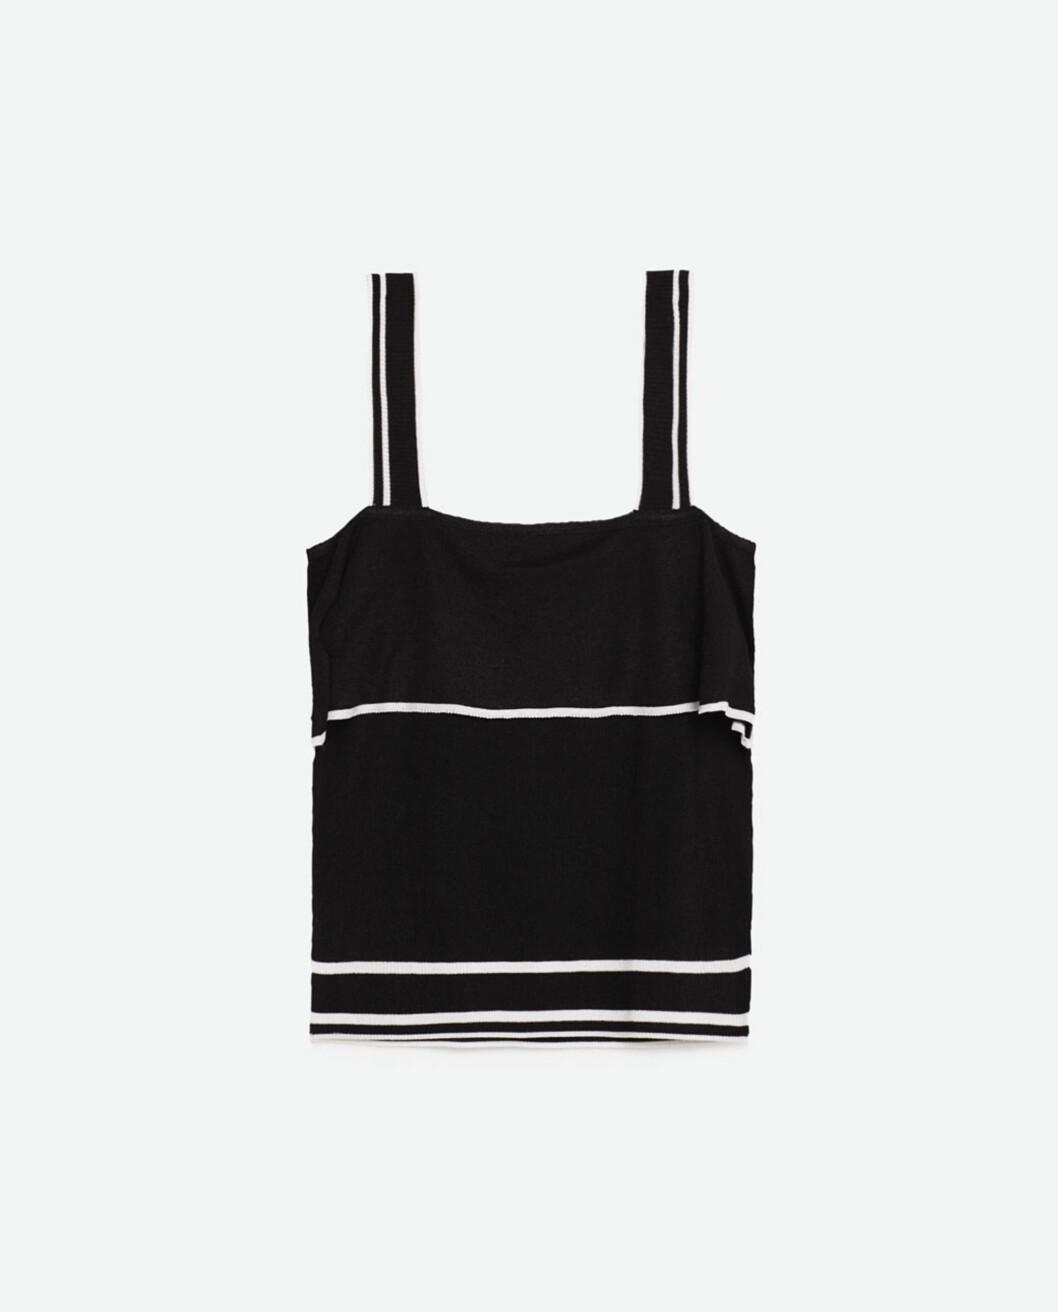 Topp fra Zara, kr 199. Foto: Produsenten